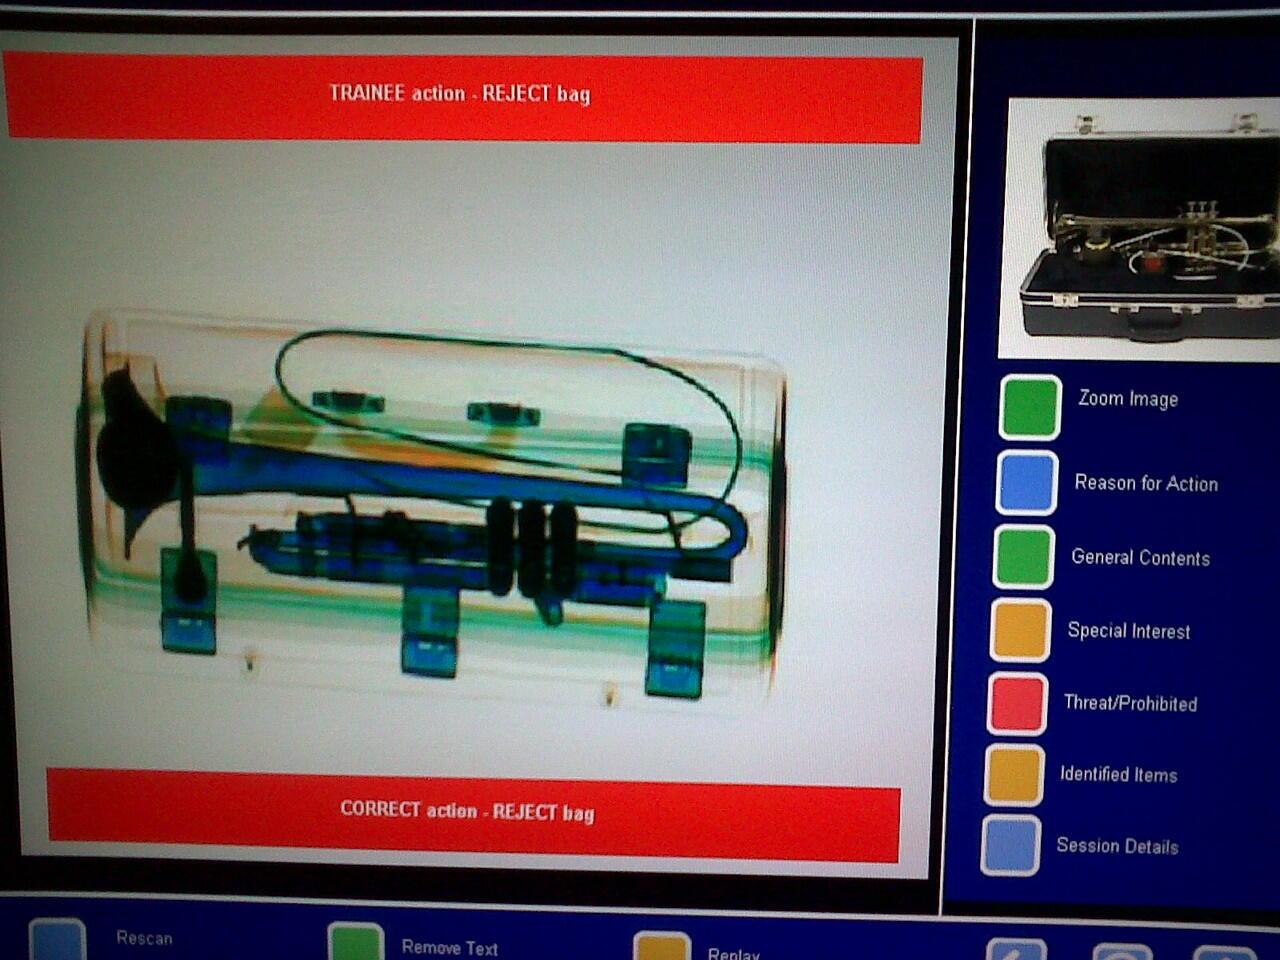 Cara kerja mesin X-Ray di bandara dan tampilan nya | KASKUS